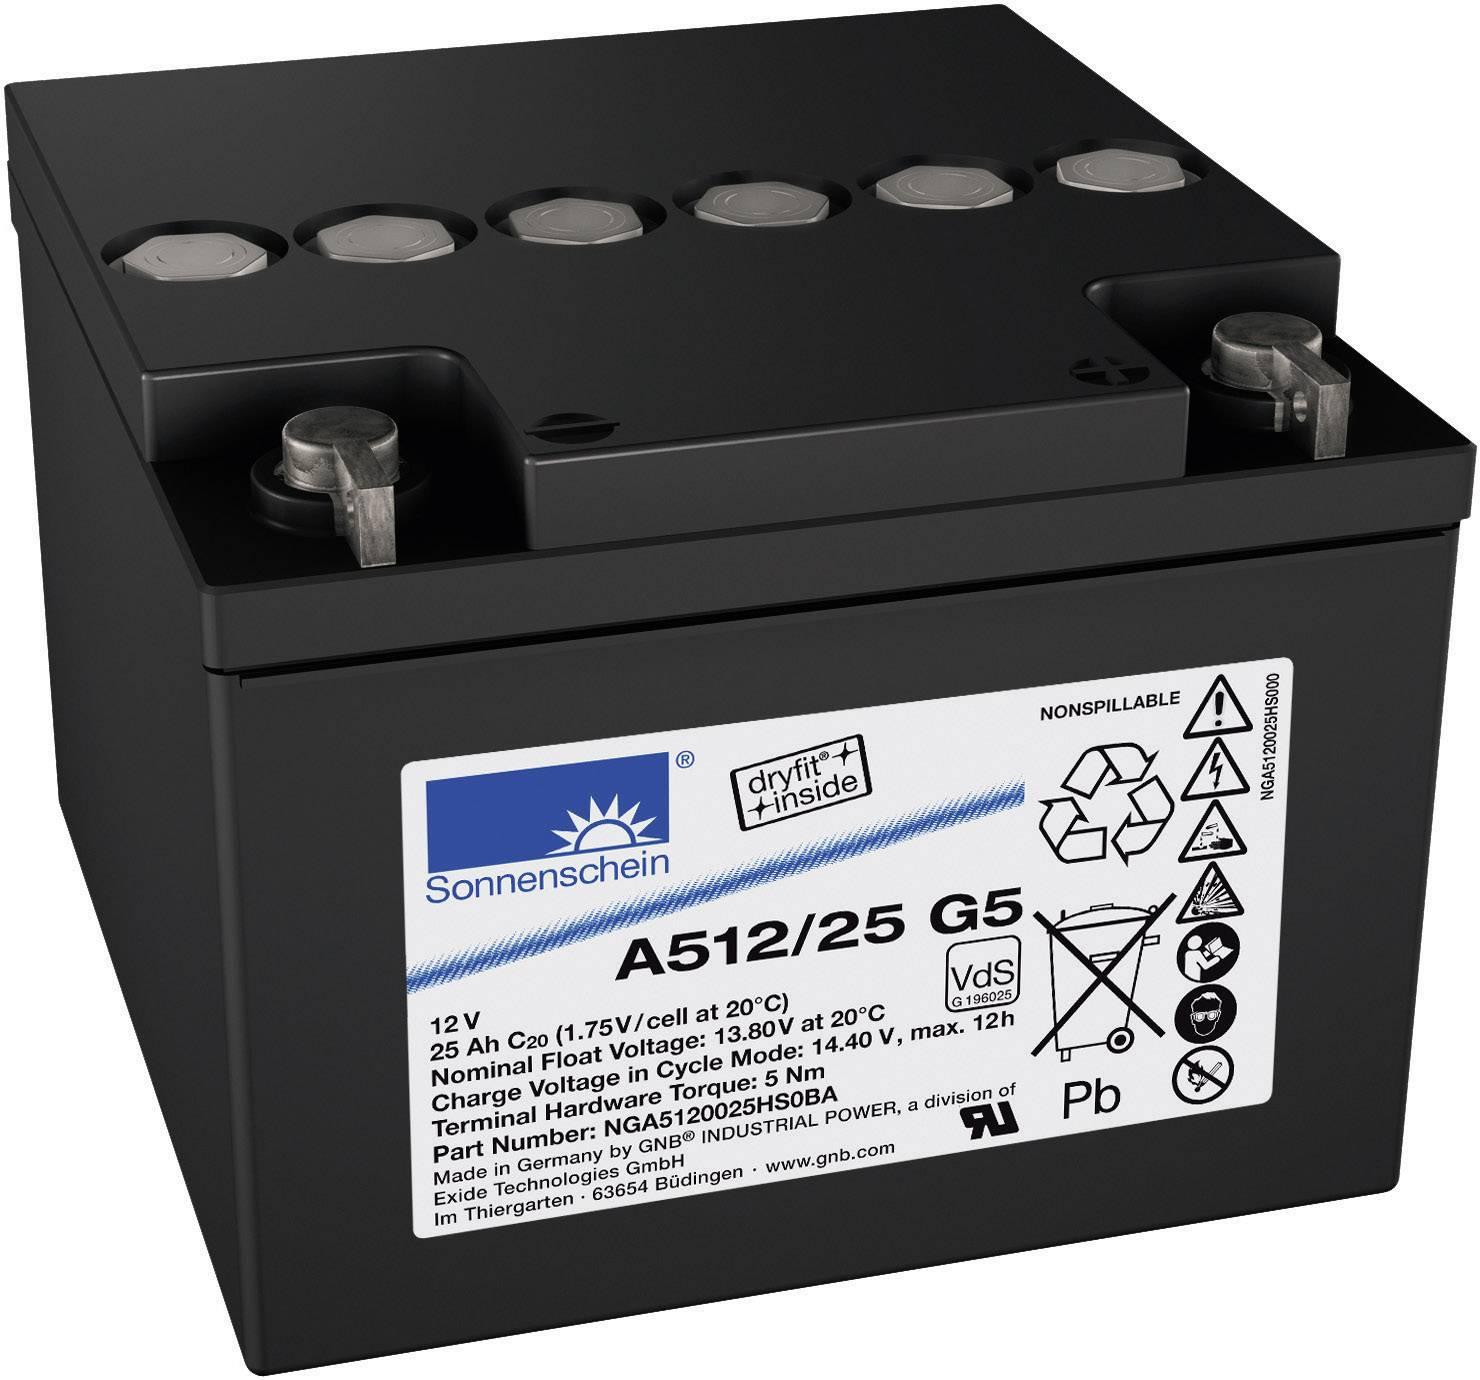 Olovený akumulátor GNB Sonnenschein A512/25 G5 NGA5120025HS0BA, 25 Ah, 12 V